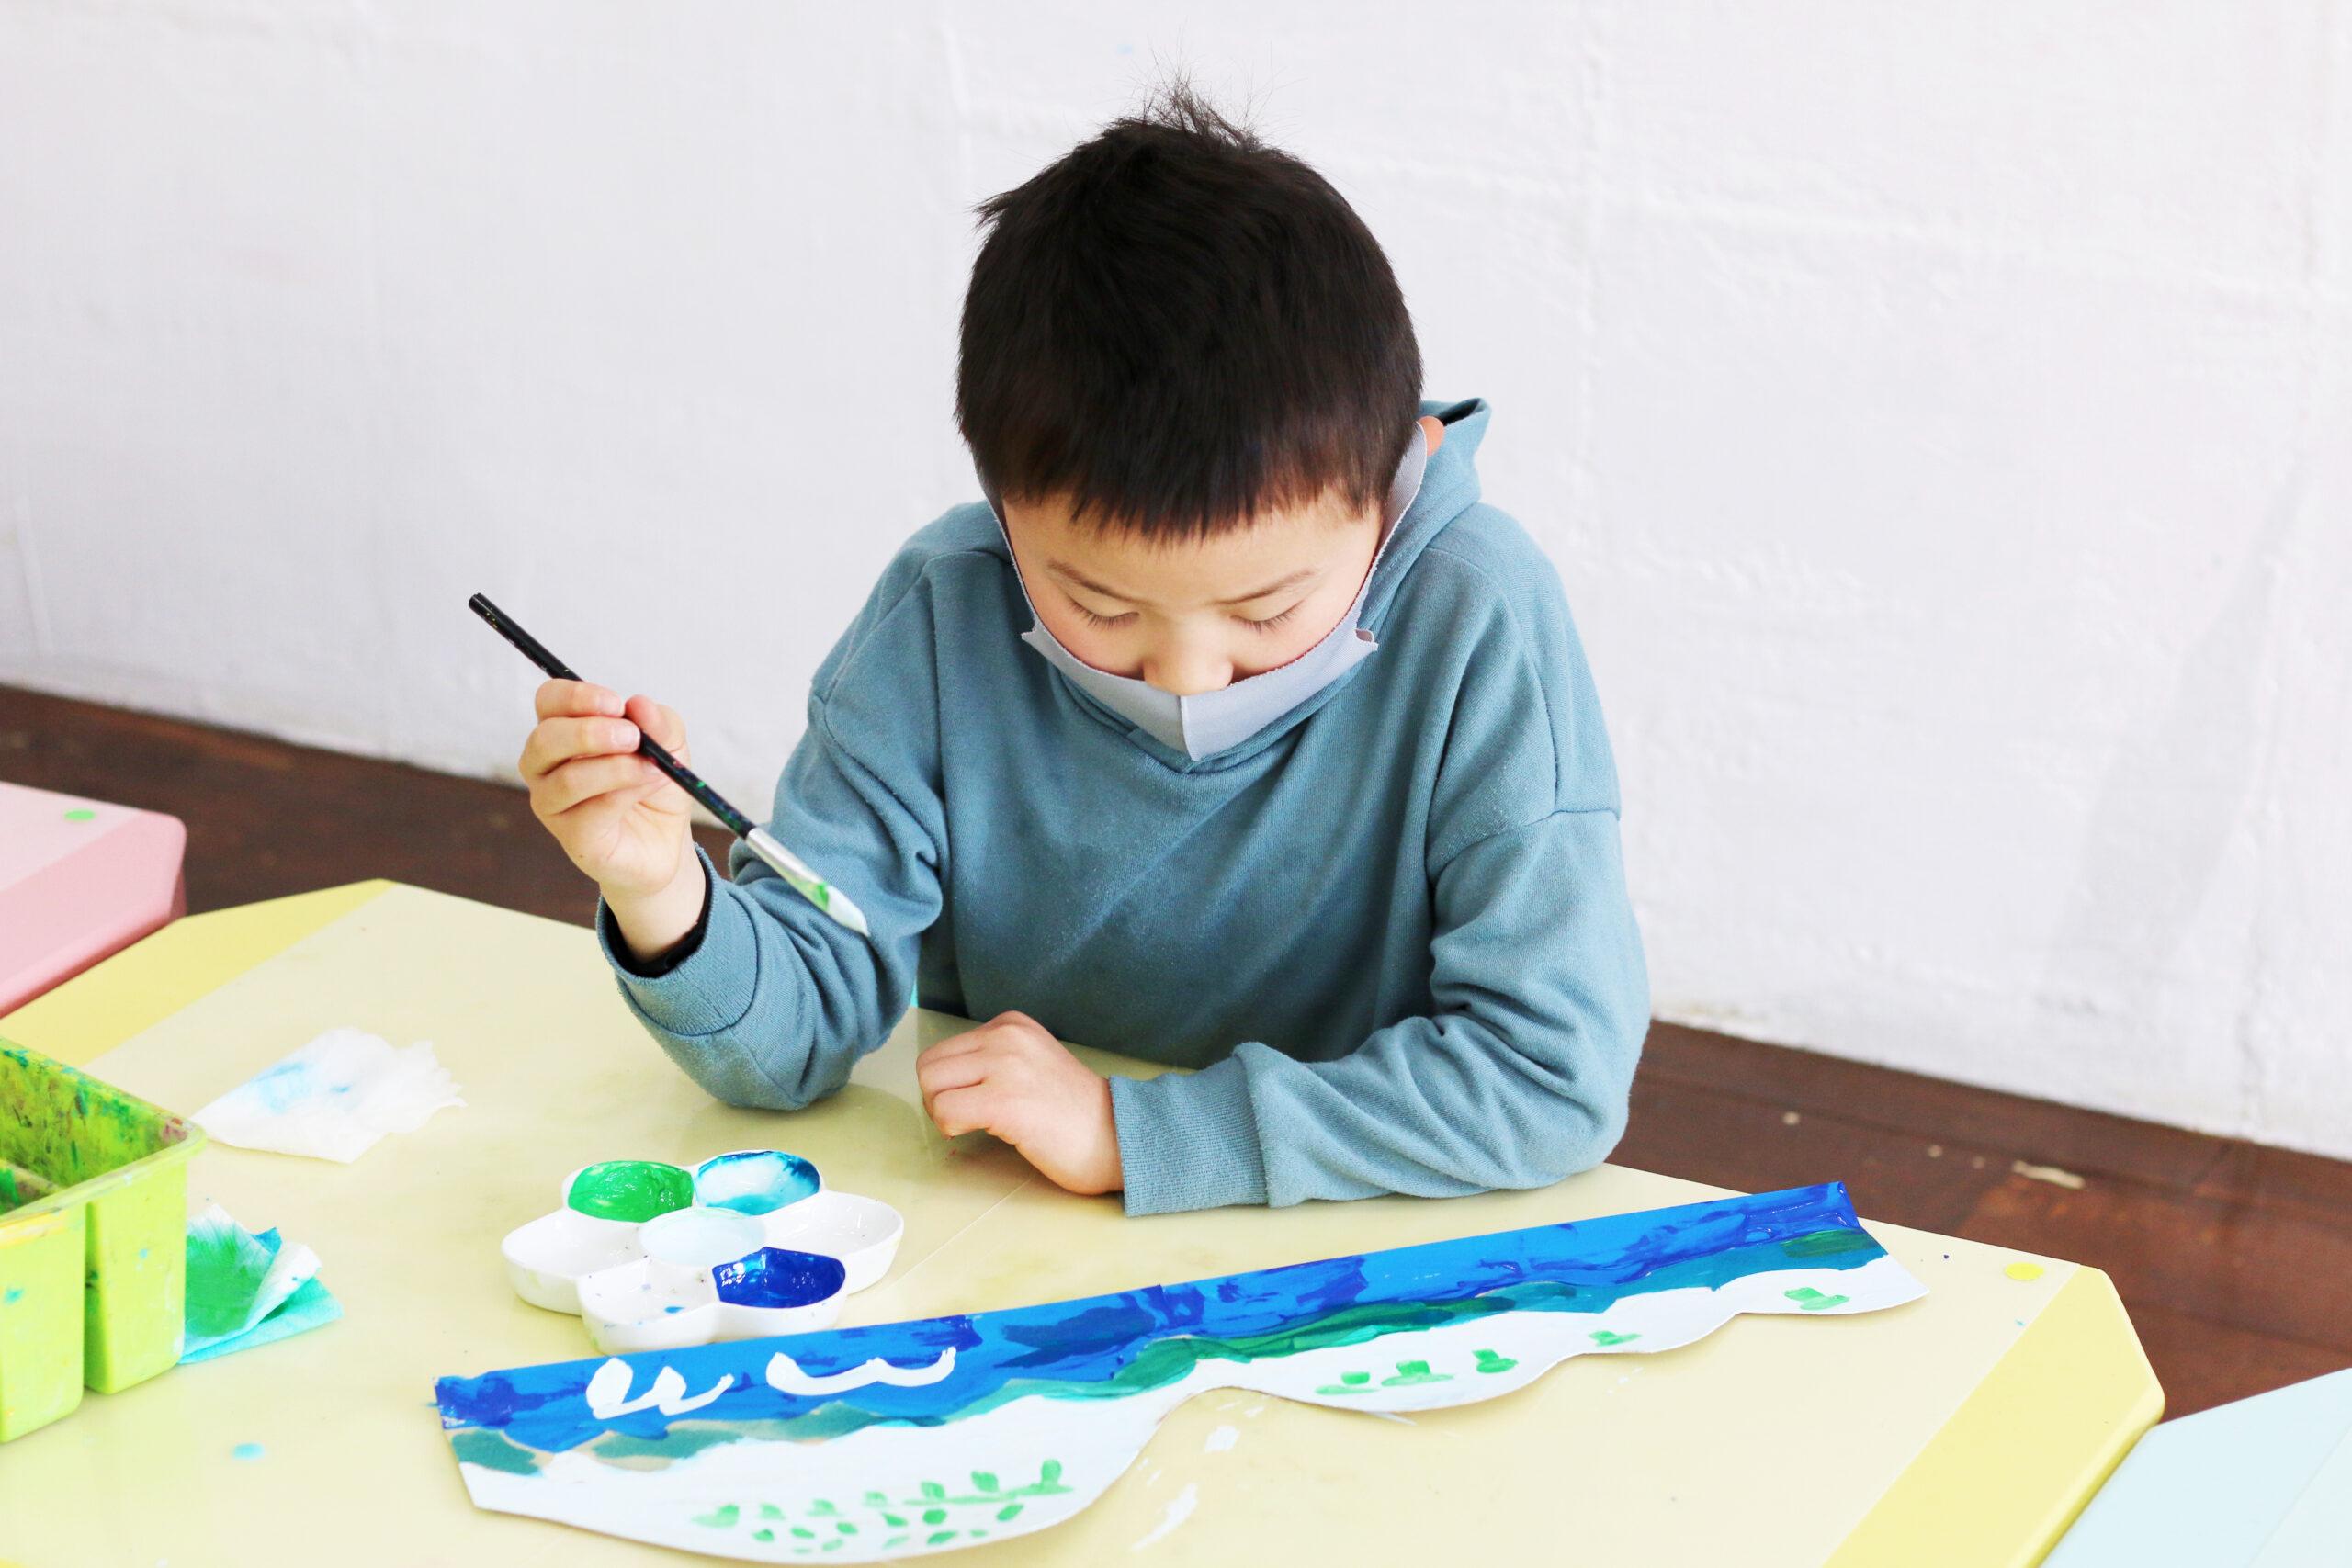 絵画&造形ミックスレッスン 造形応用クラス イメージ画像